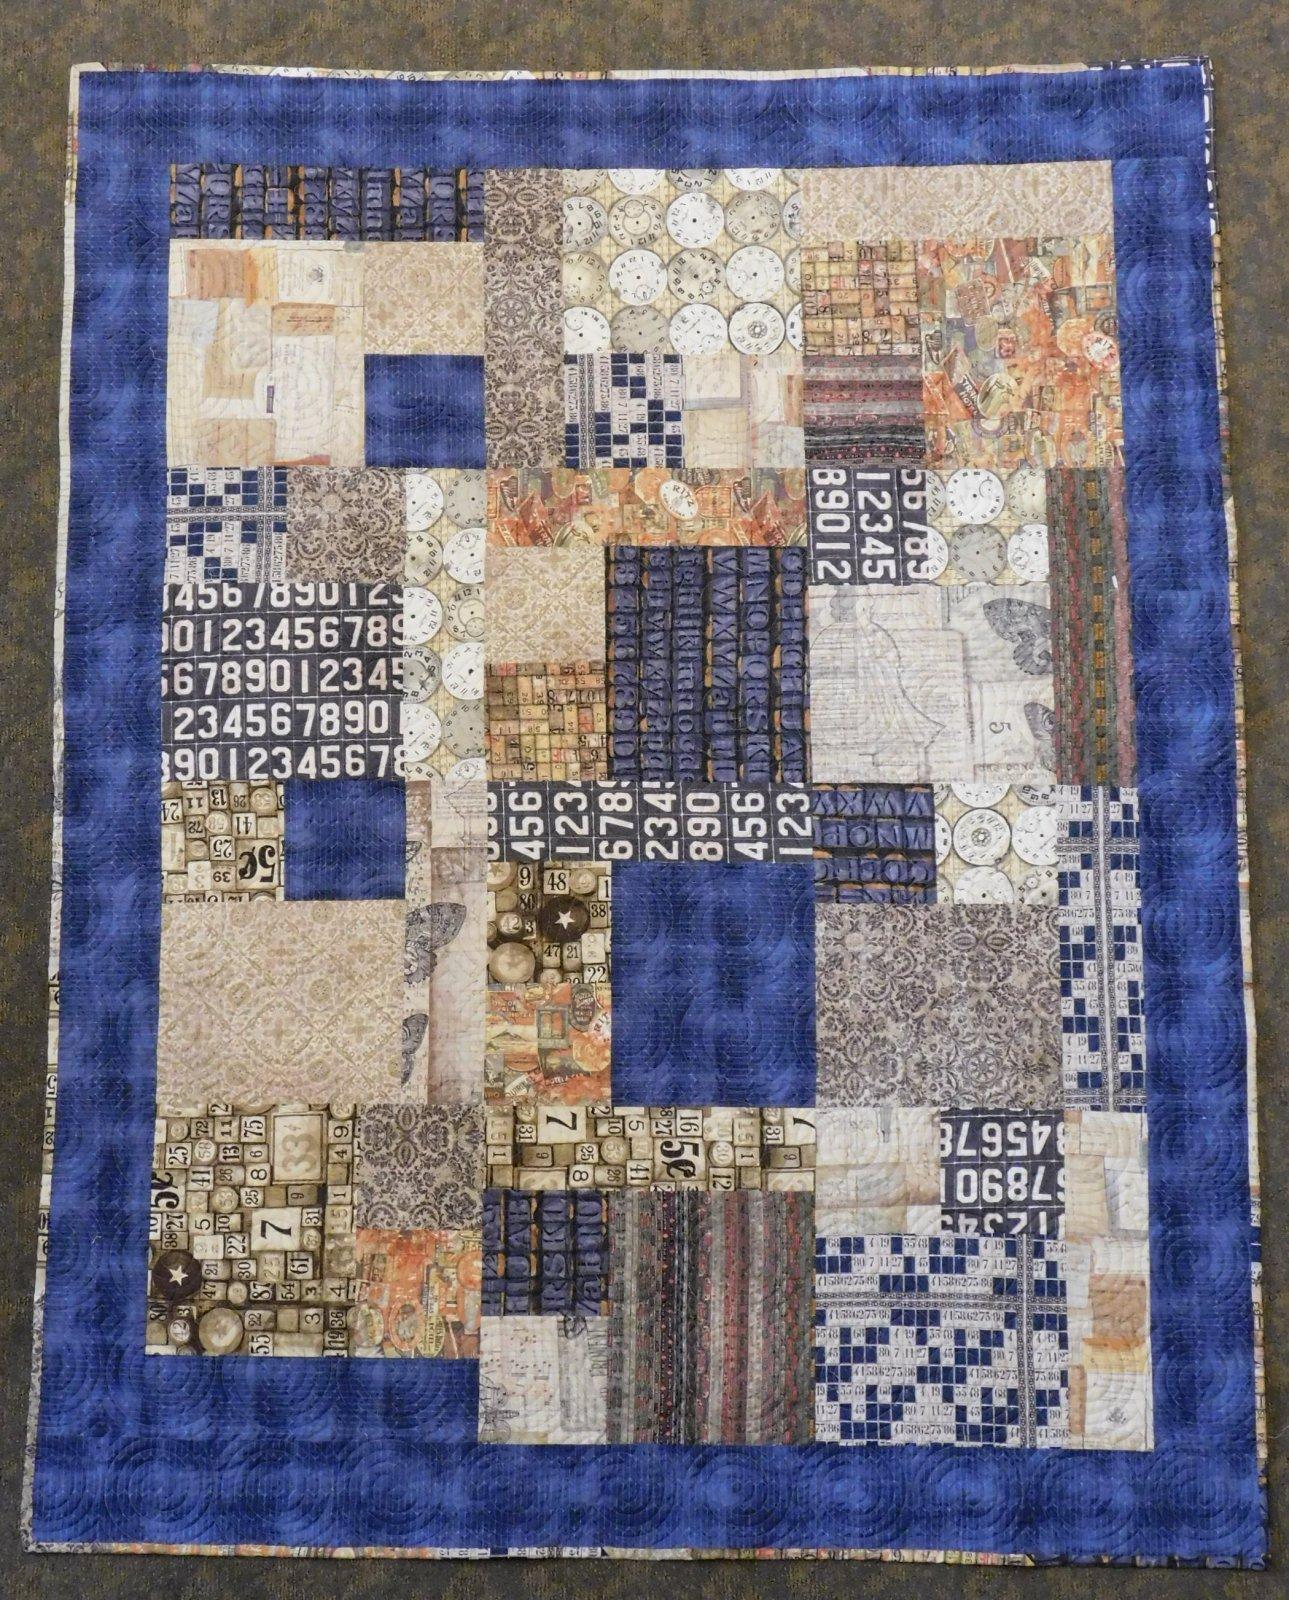 Square Dance Quilt Kit - 58 x 74